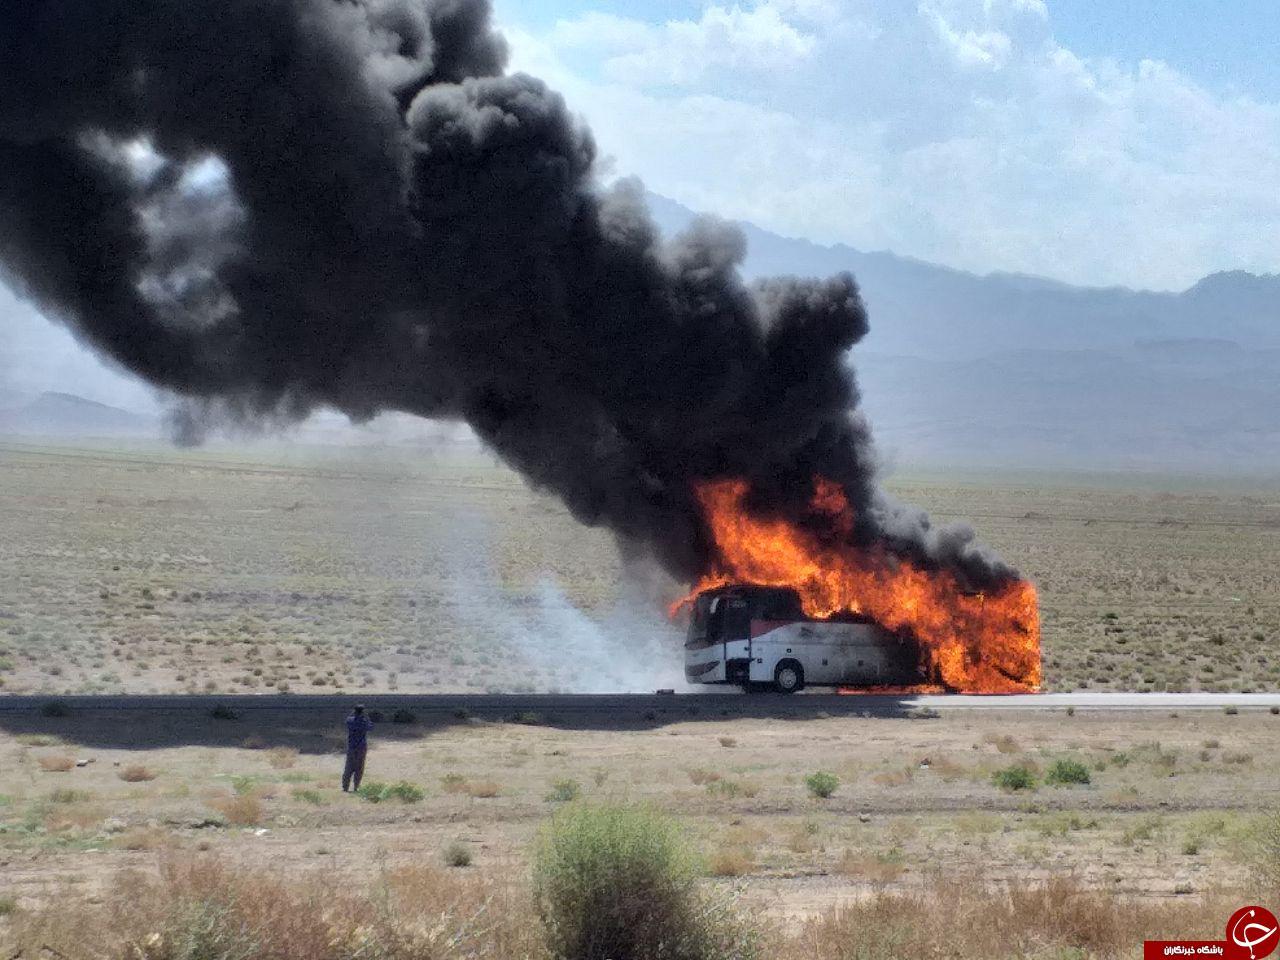 افزایش ربایش غیرنظامیان توسط داعش در عراق